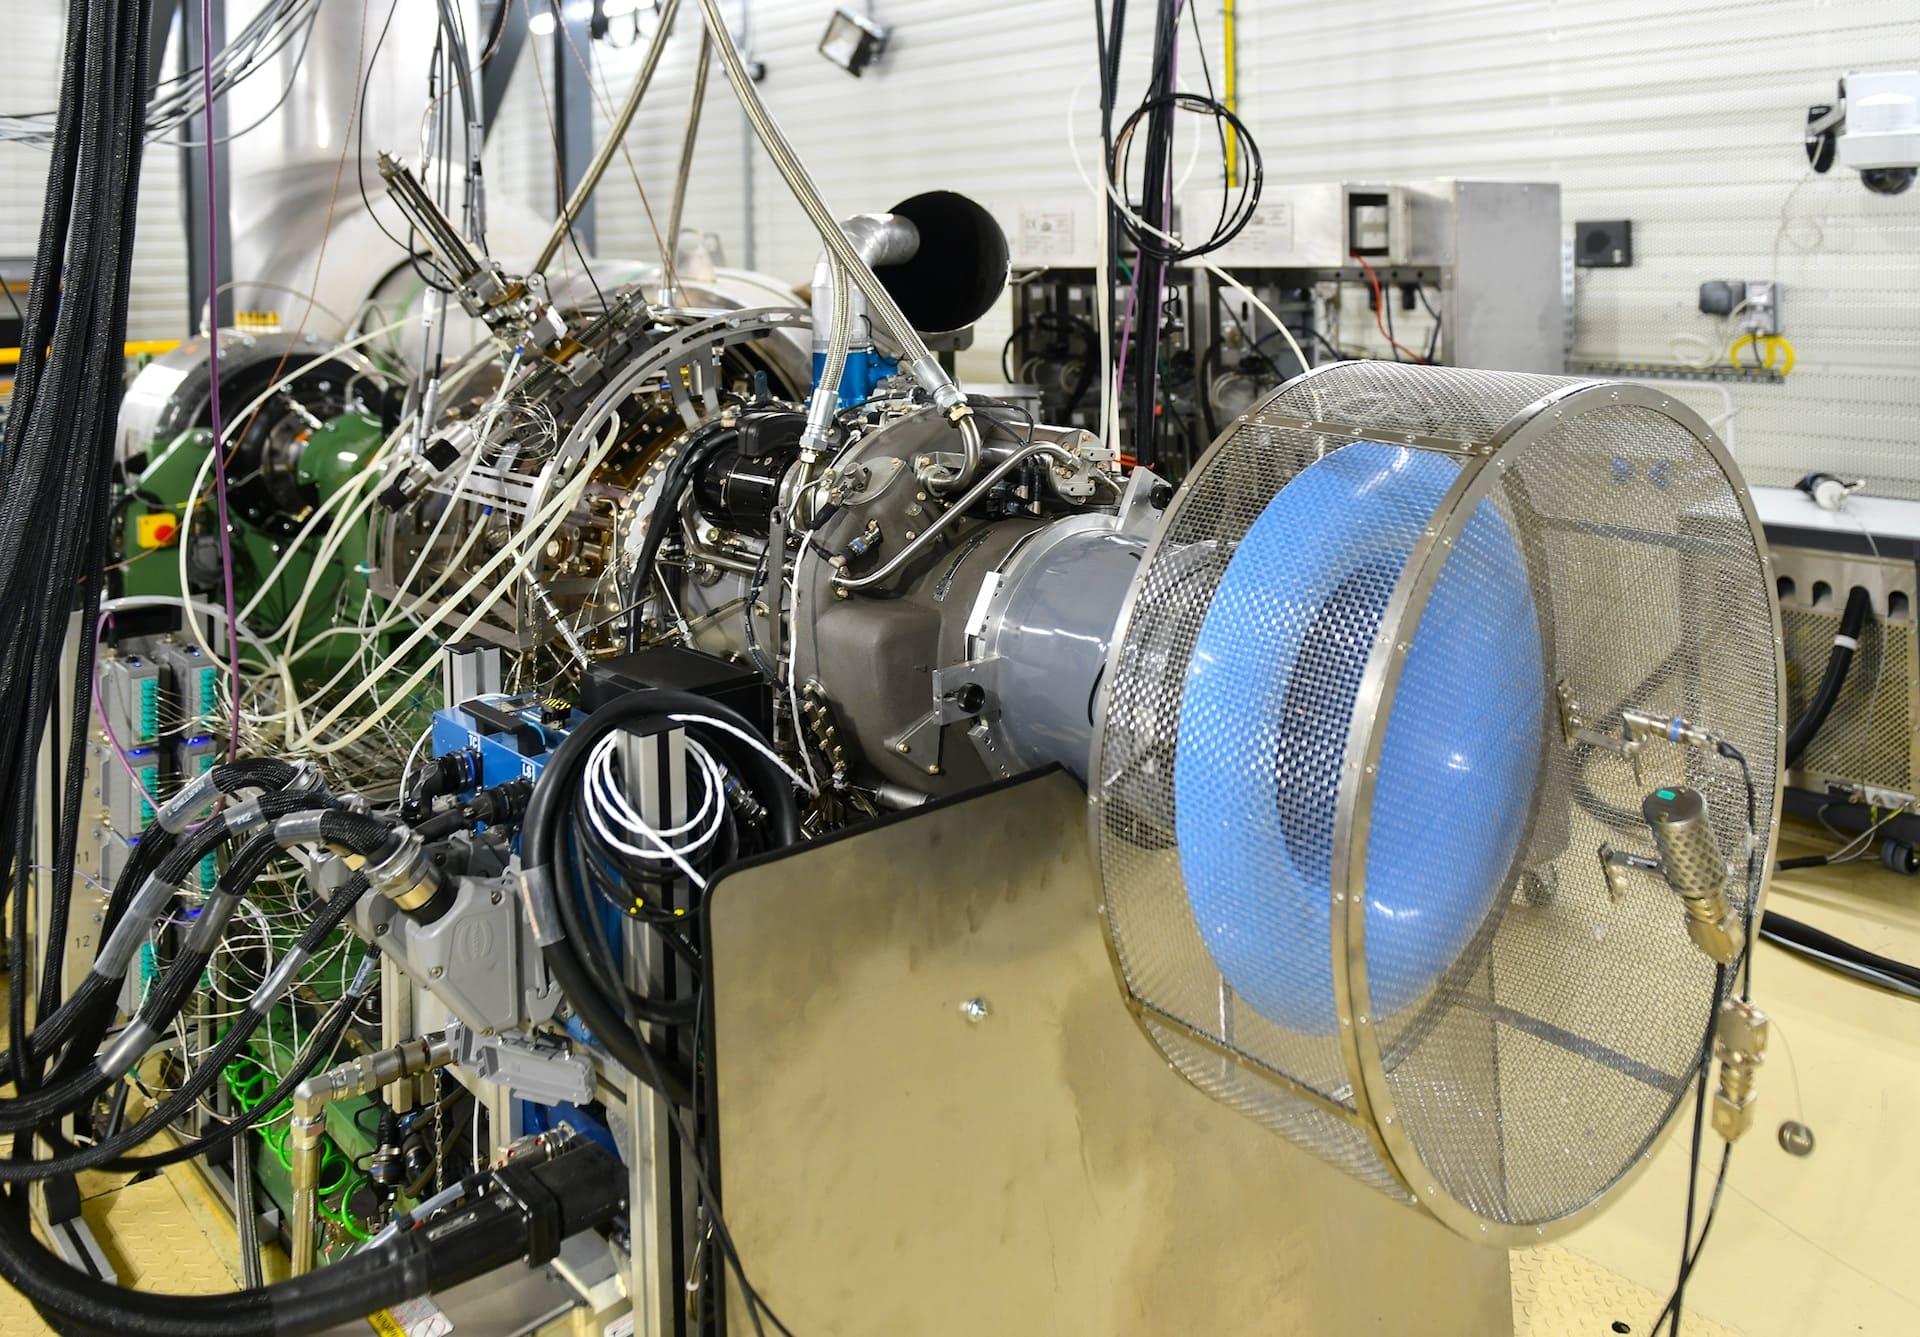 Moteur Makila 2 Safran Helicopter Engines